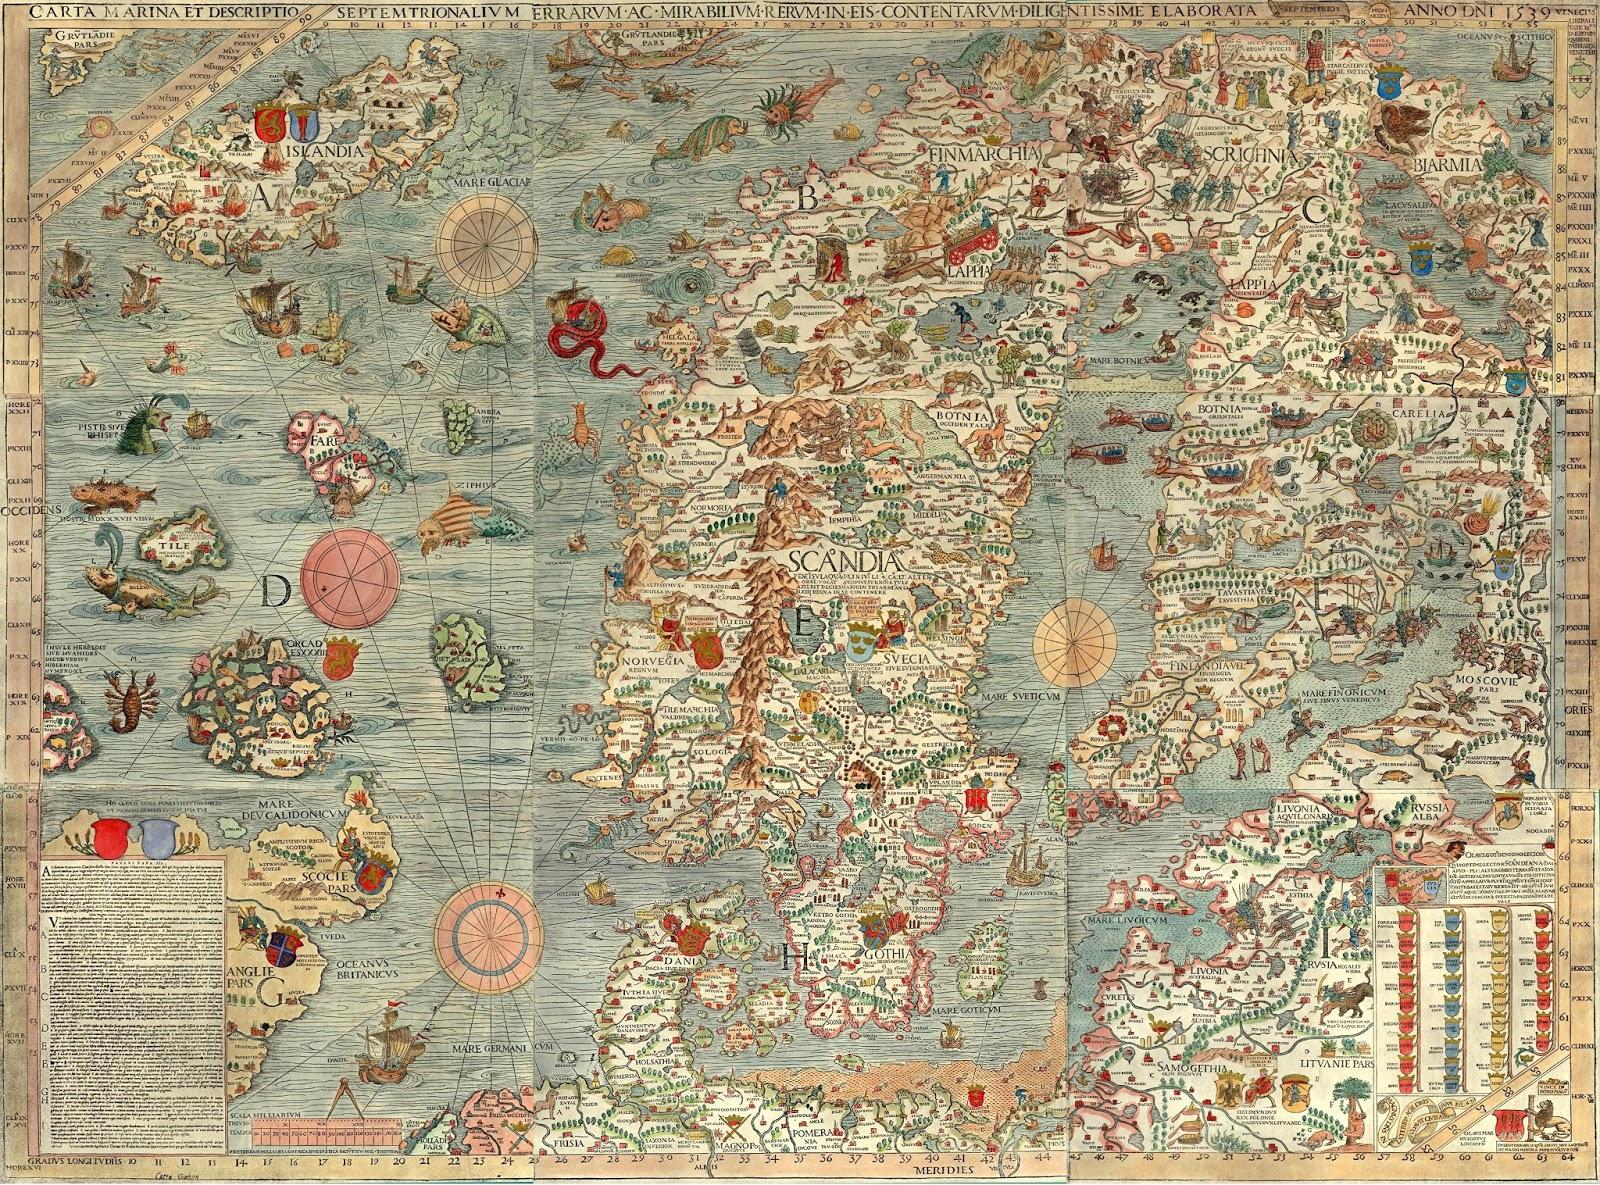 The 1539  Carta marina et descriptio septentrionalium terrarium  by Olaus Magnus